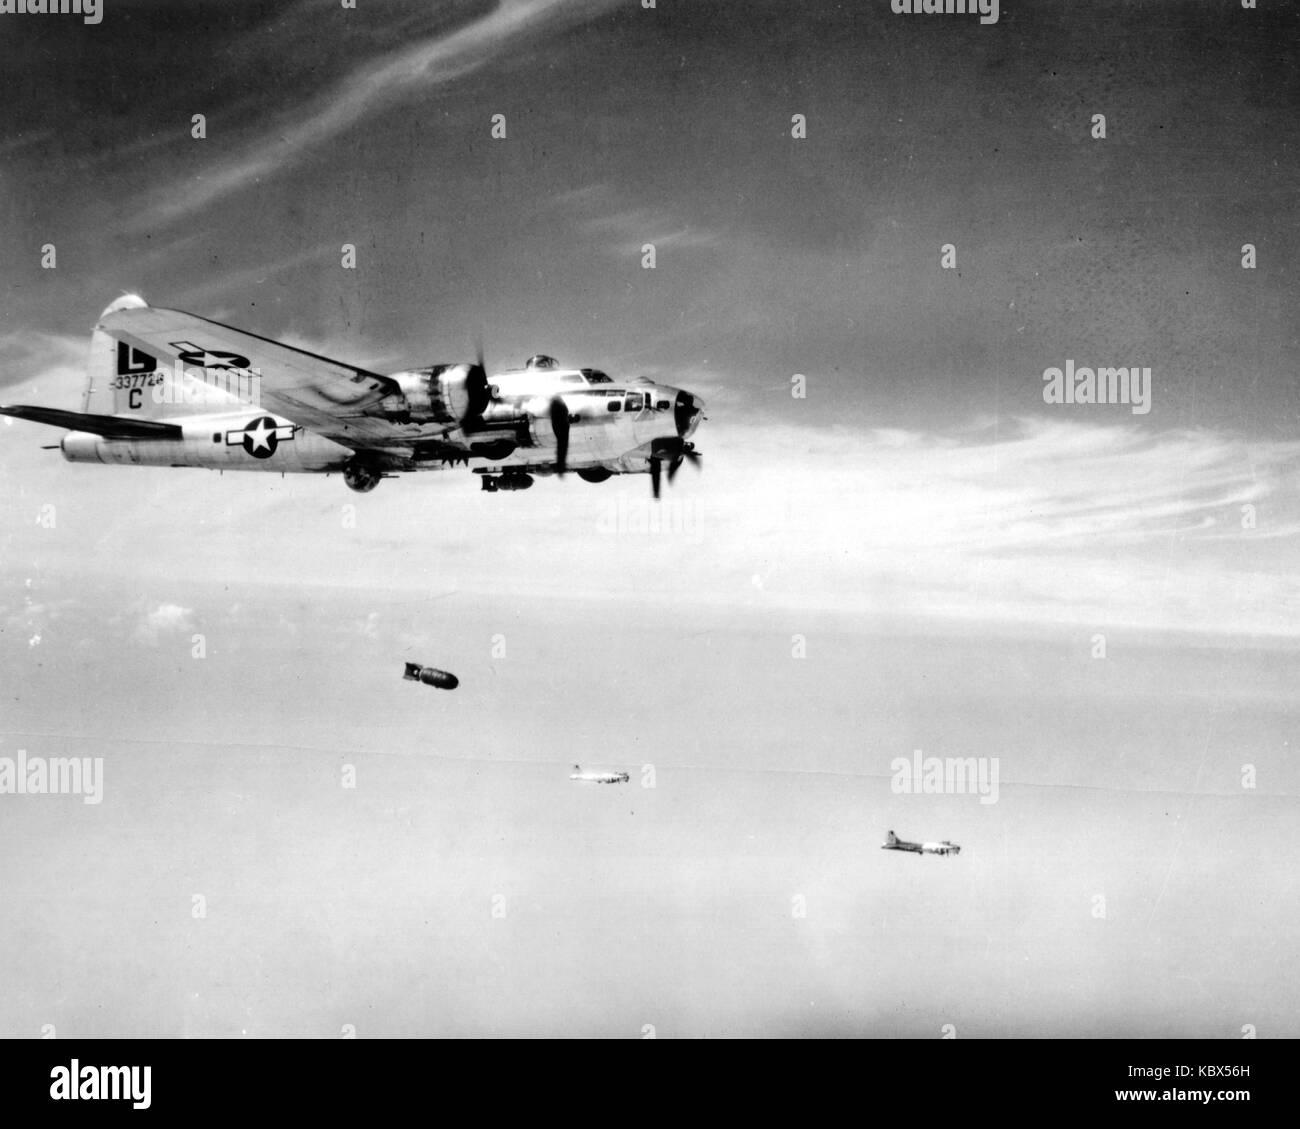 Boeing B-17 Flying Fortress avión bombardero americano en acción durante la II Guerra Mundial Foto de stock